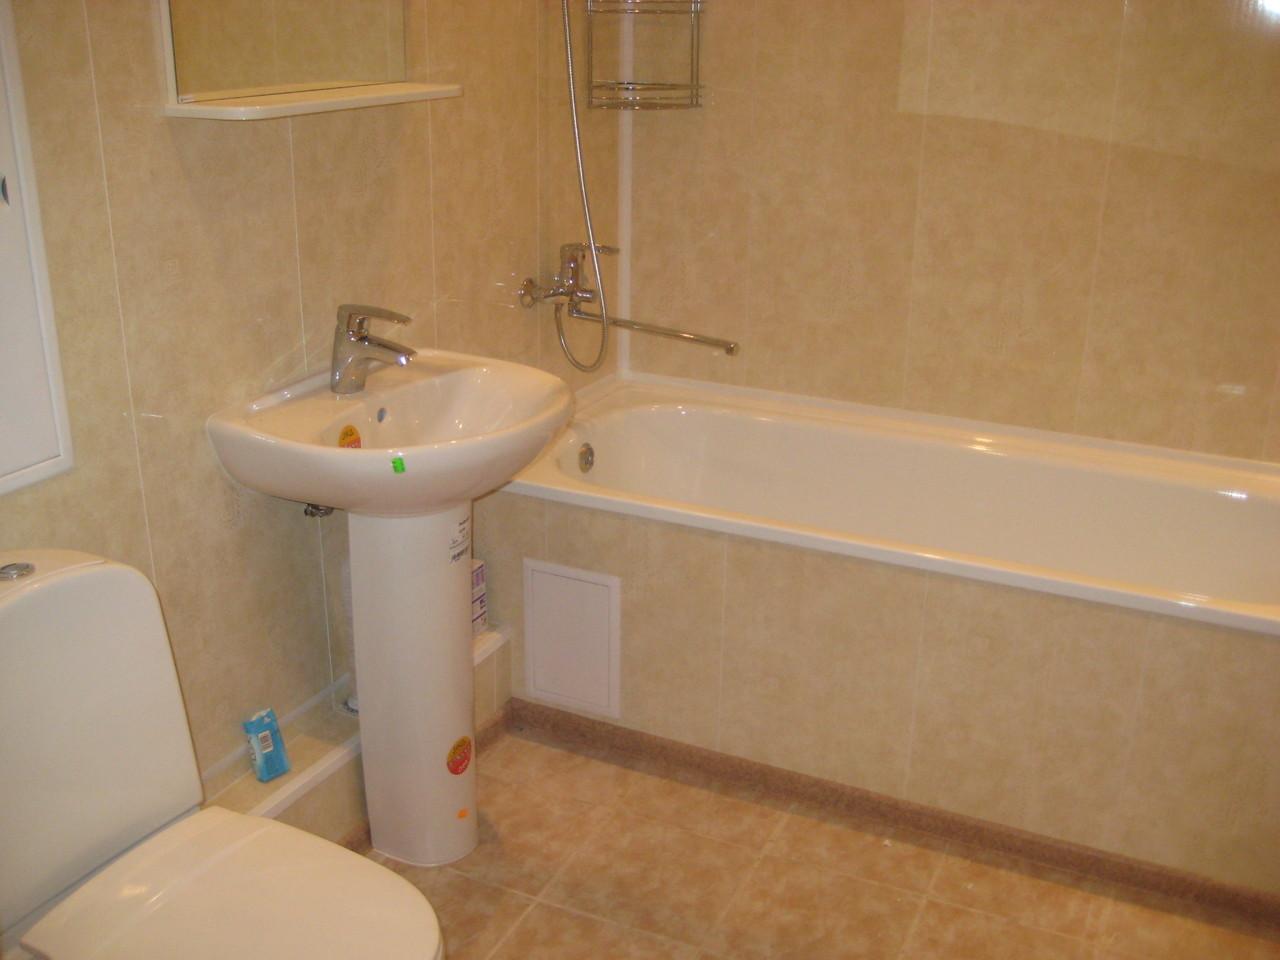 Ремонт ванной комнаты панелями своими руками фото